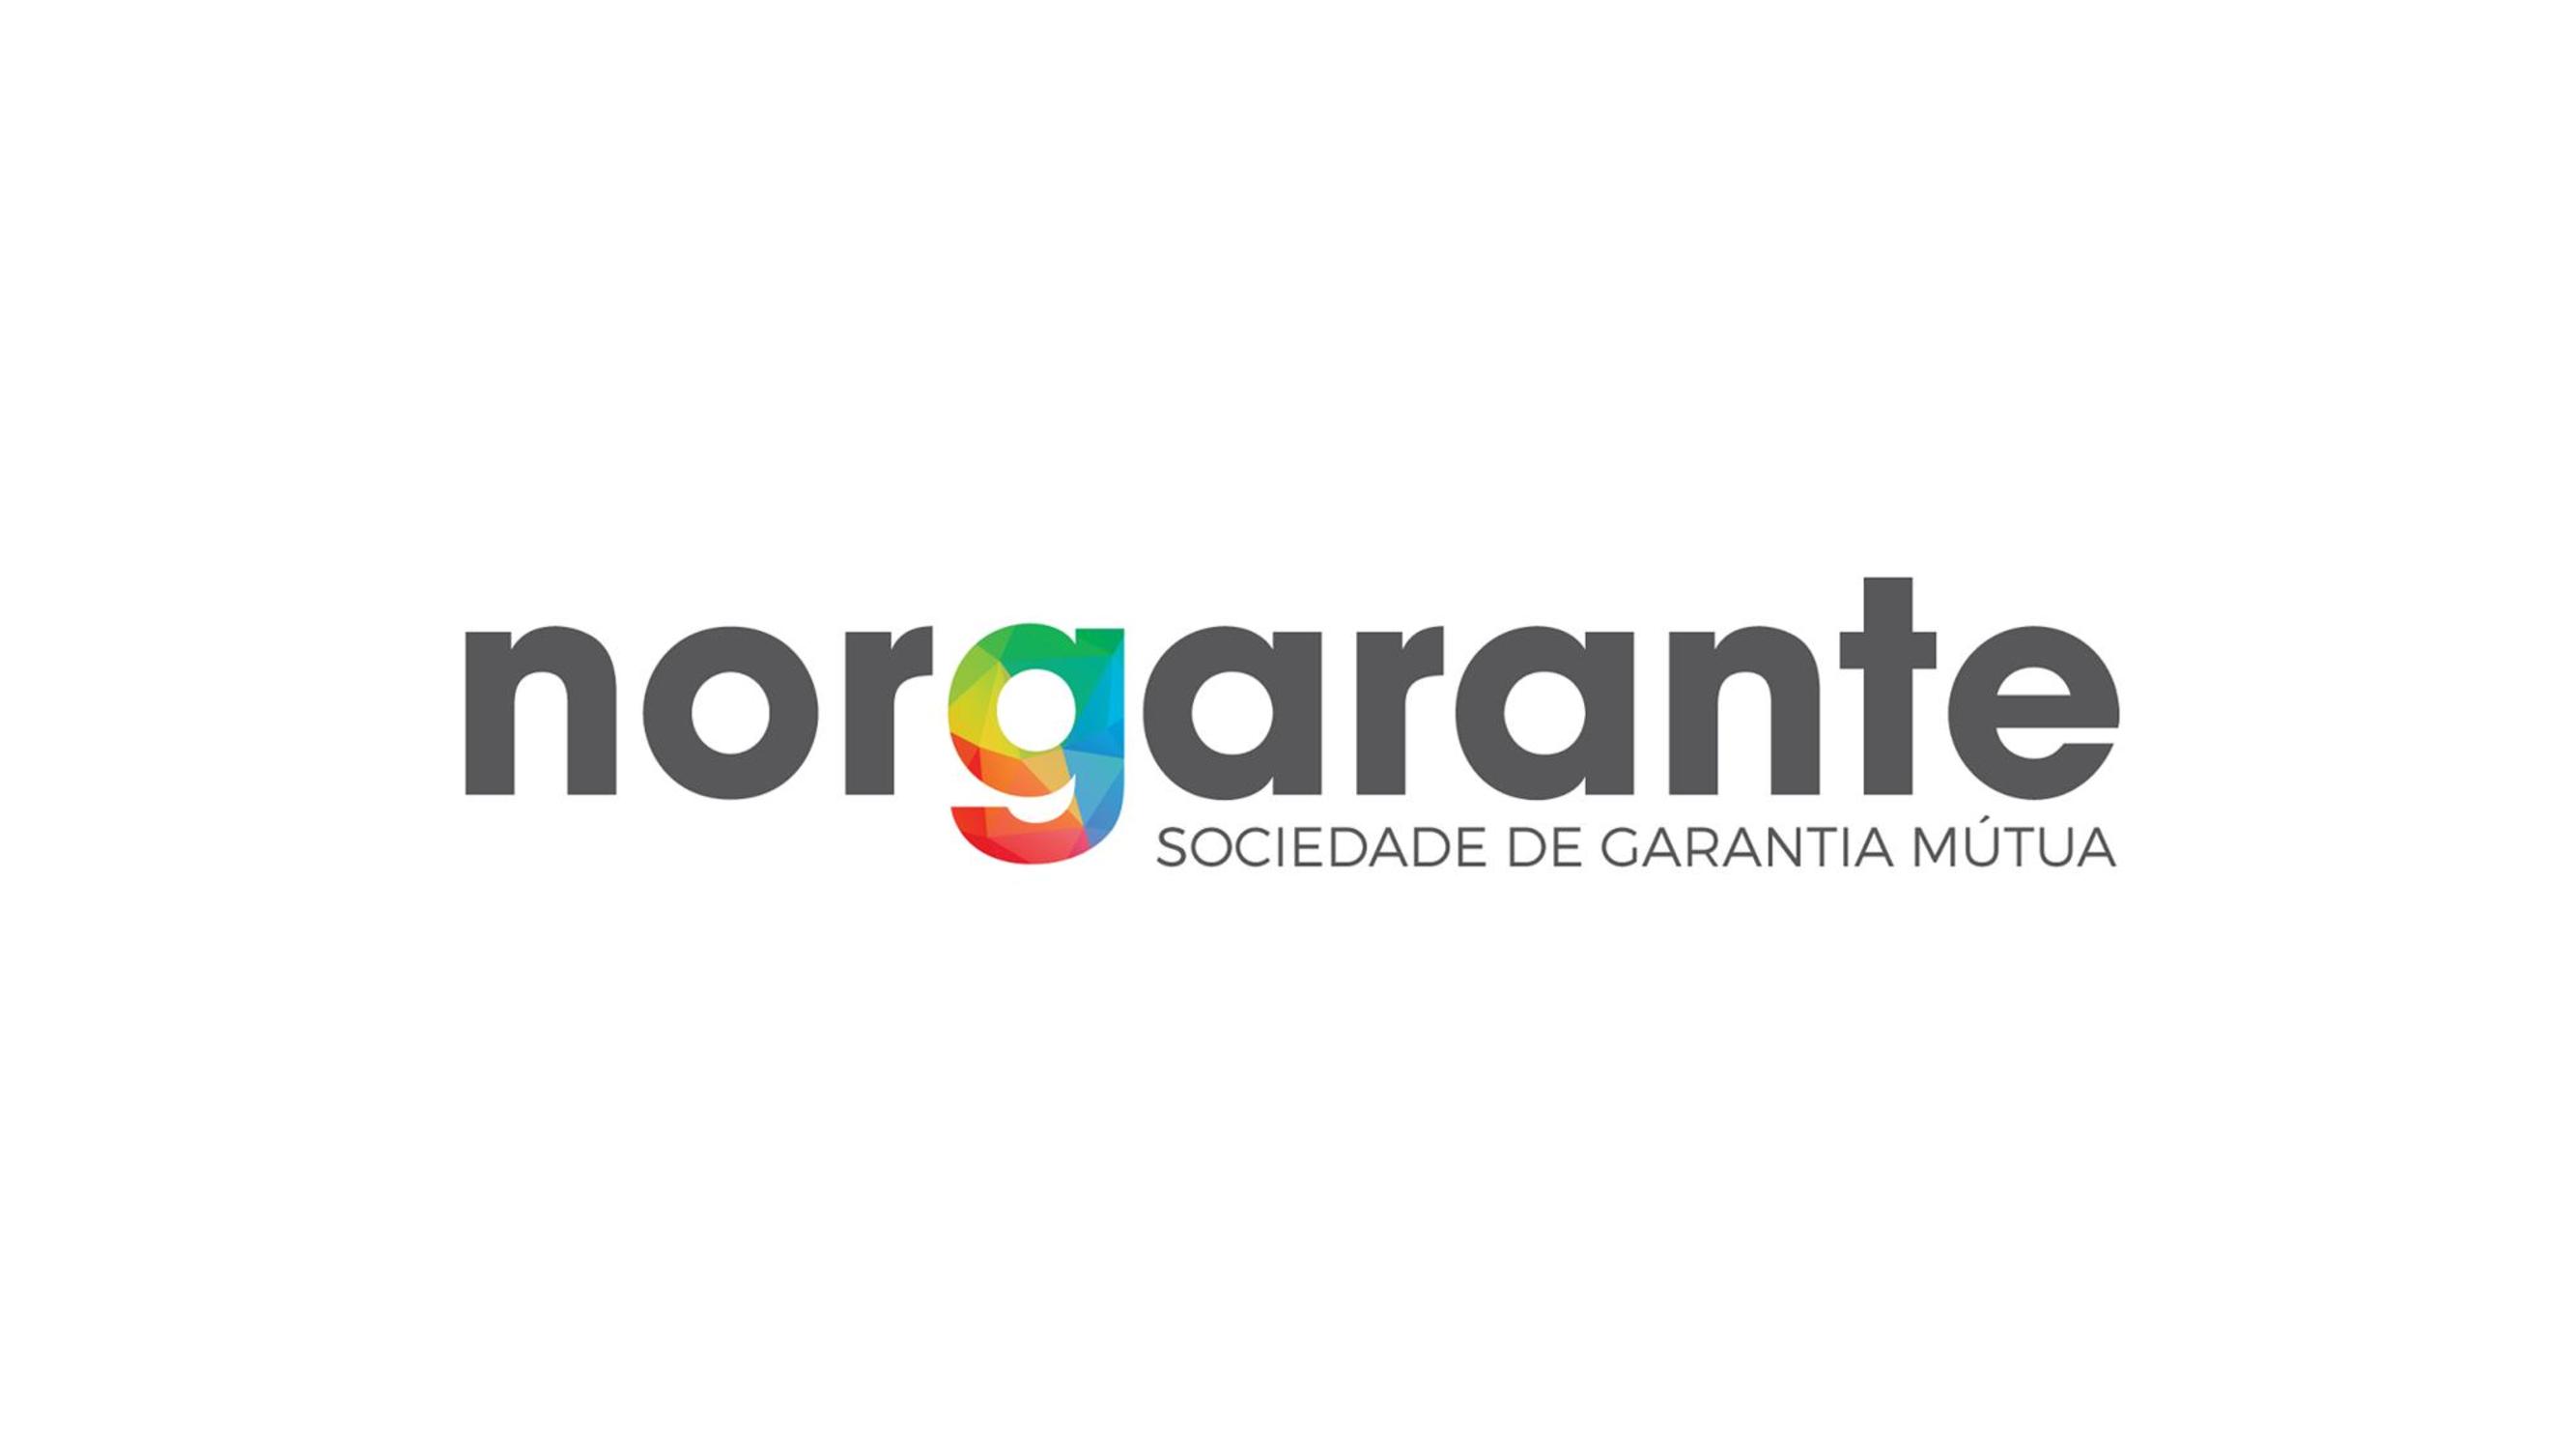 Norgarante